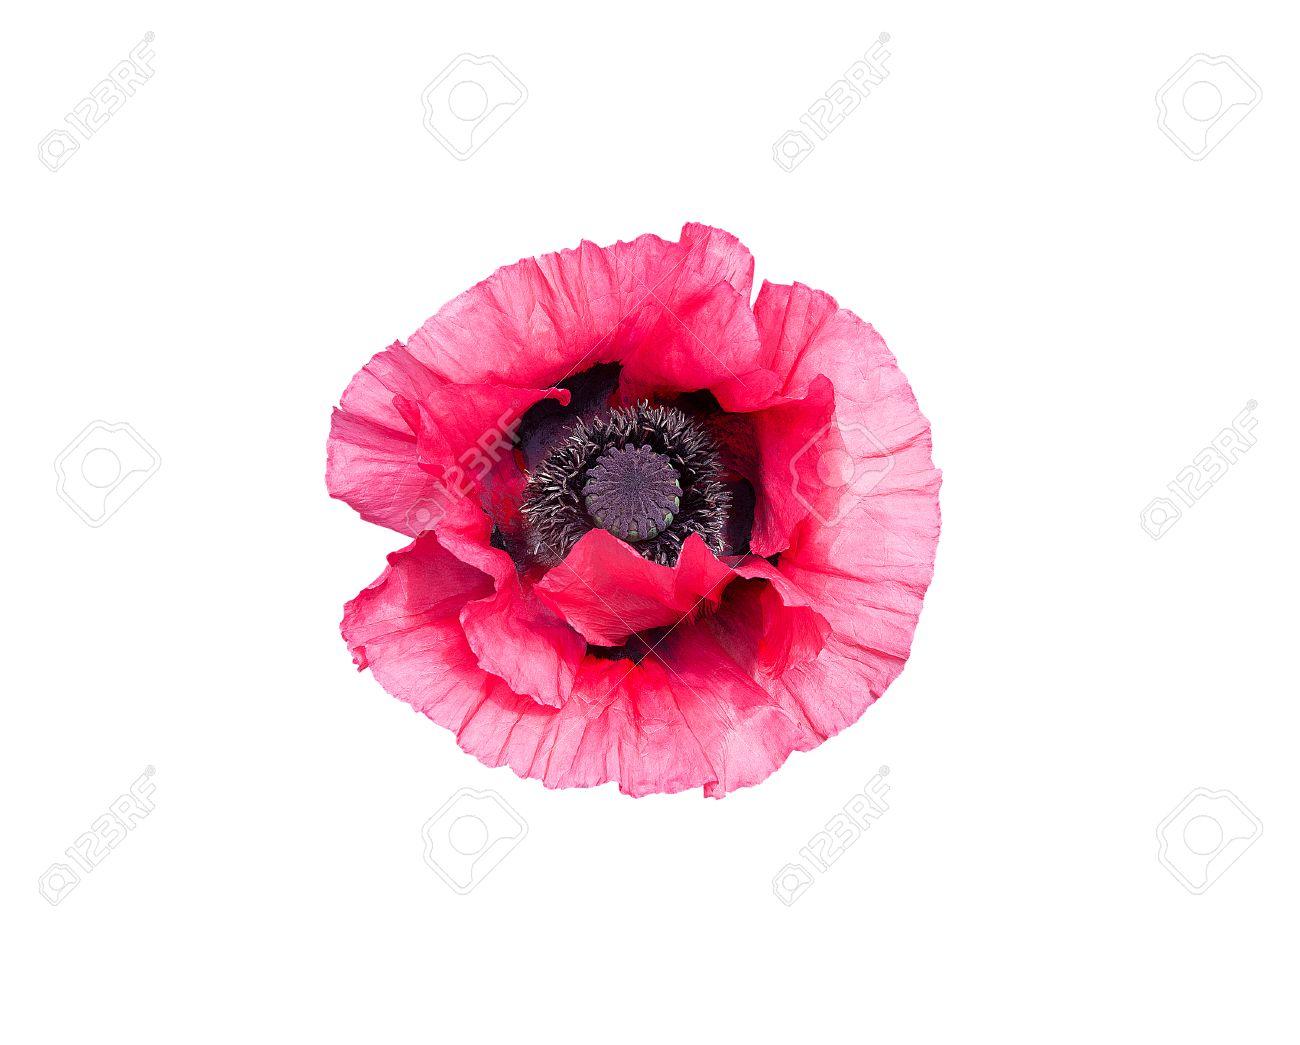 Pink poppy flower papaver orientale with black pistils closeup pink poppy flower papaver orientale with black pistils closeup isolated on white stock photo mightylinksfo